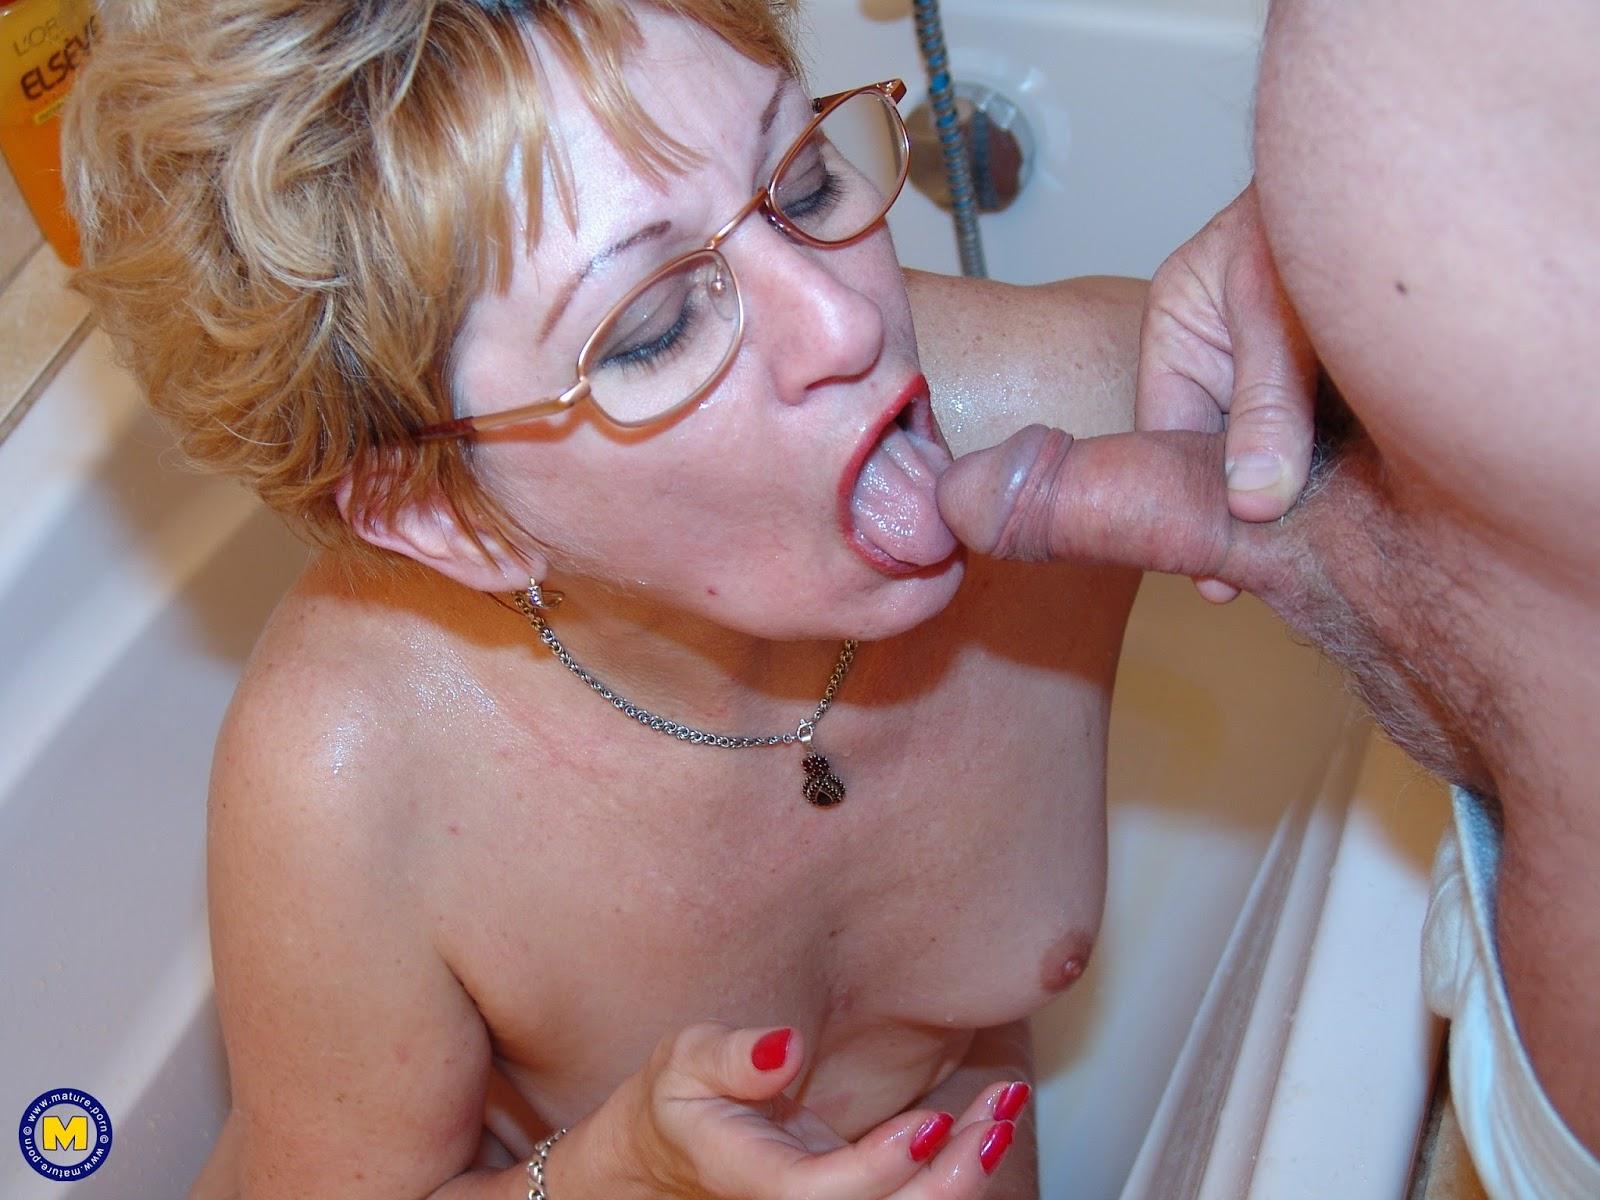 Сын дал в рот маме порно фото, Сын дает маме в рот и нежно трахает в пизду 21 фотография